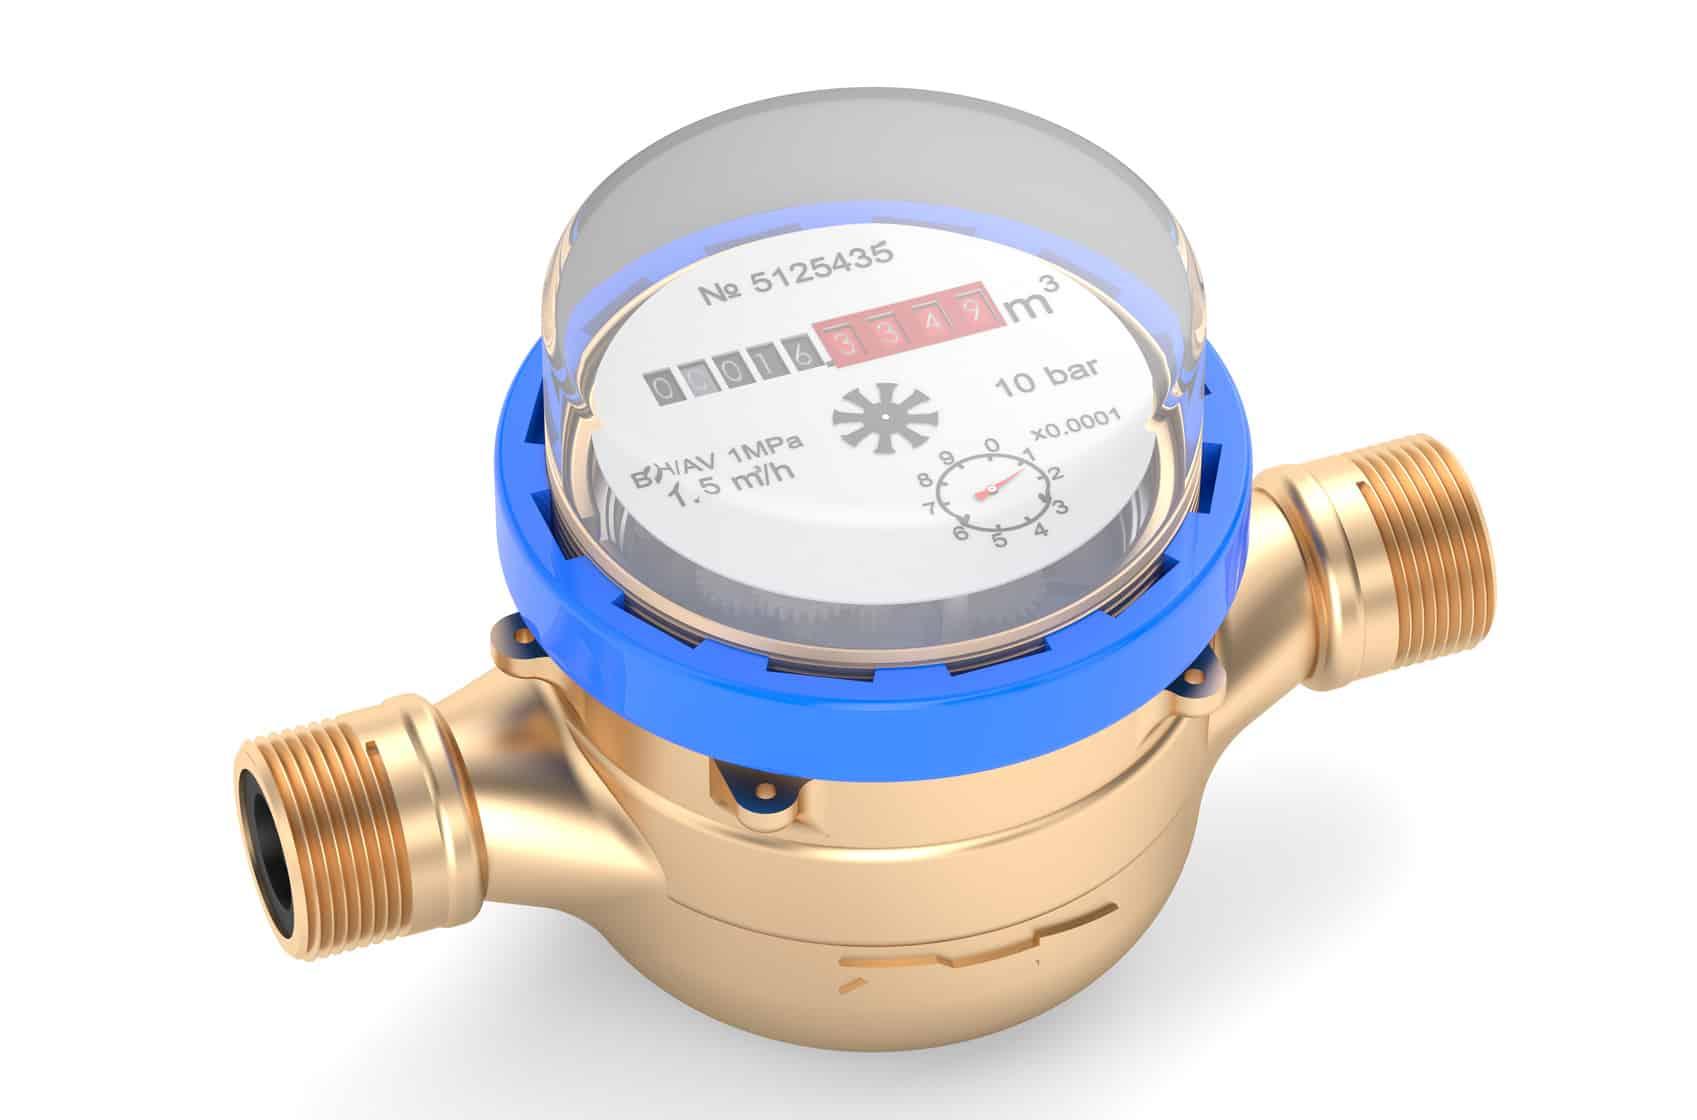 Contadores de agua y energia elp - Contador de agua ...